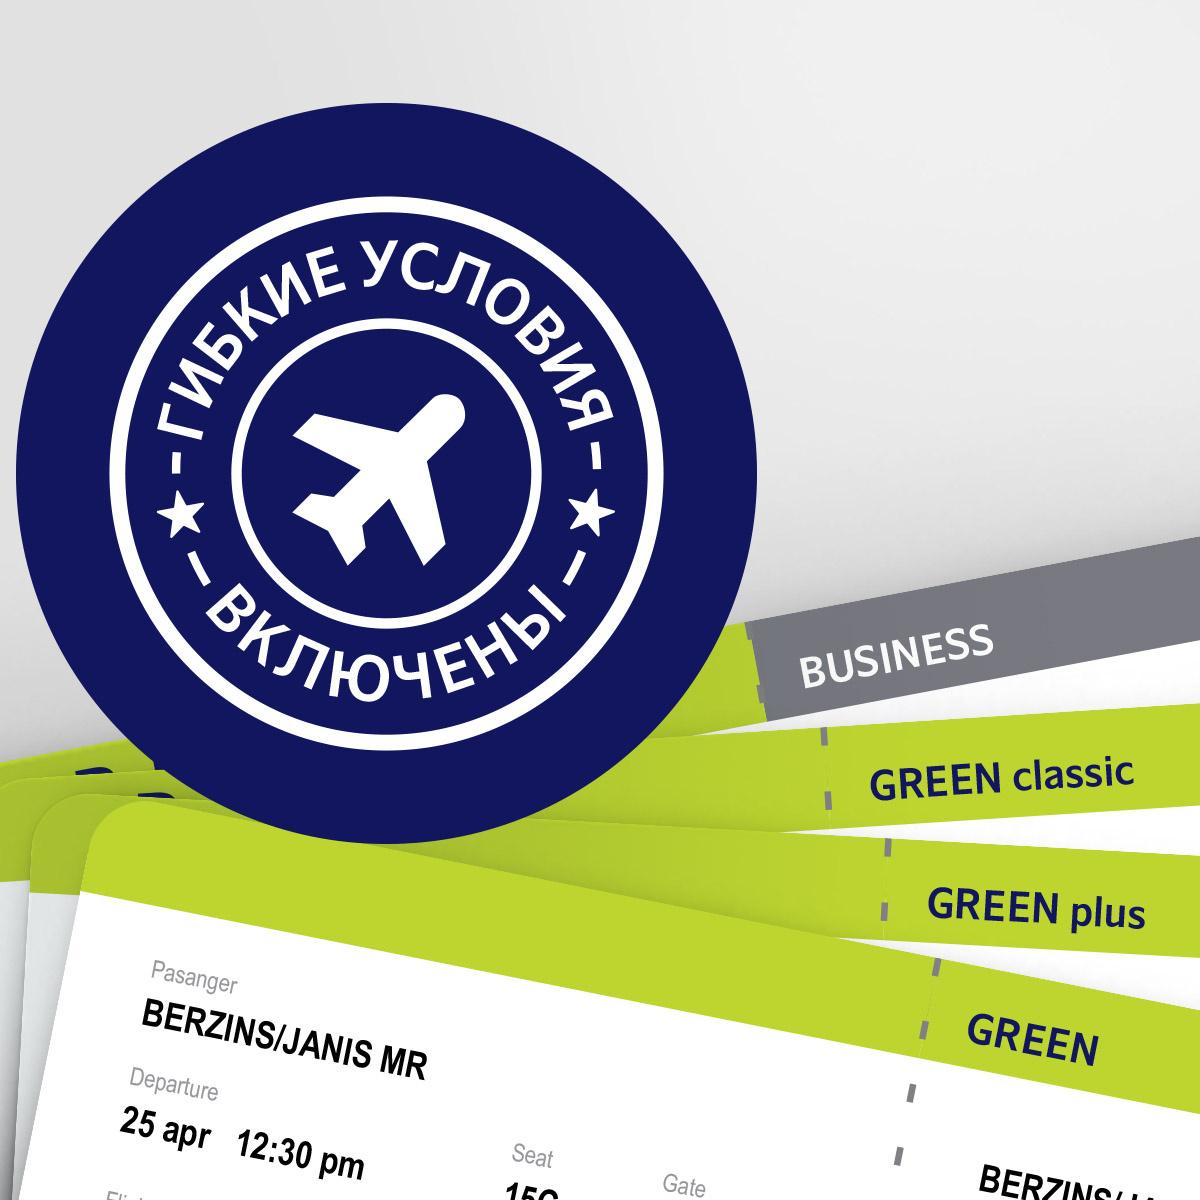 Новые виды билетов airBaltic, новые бонусные pins! image